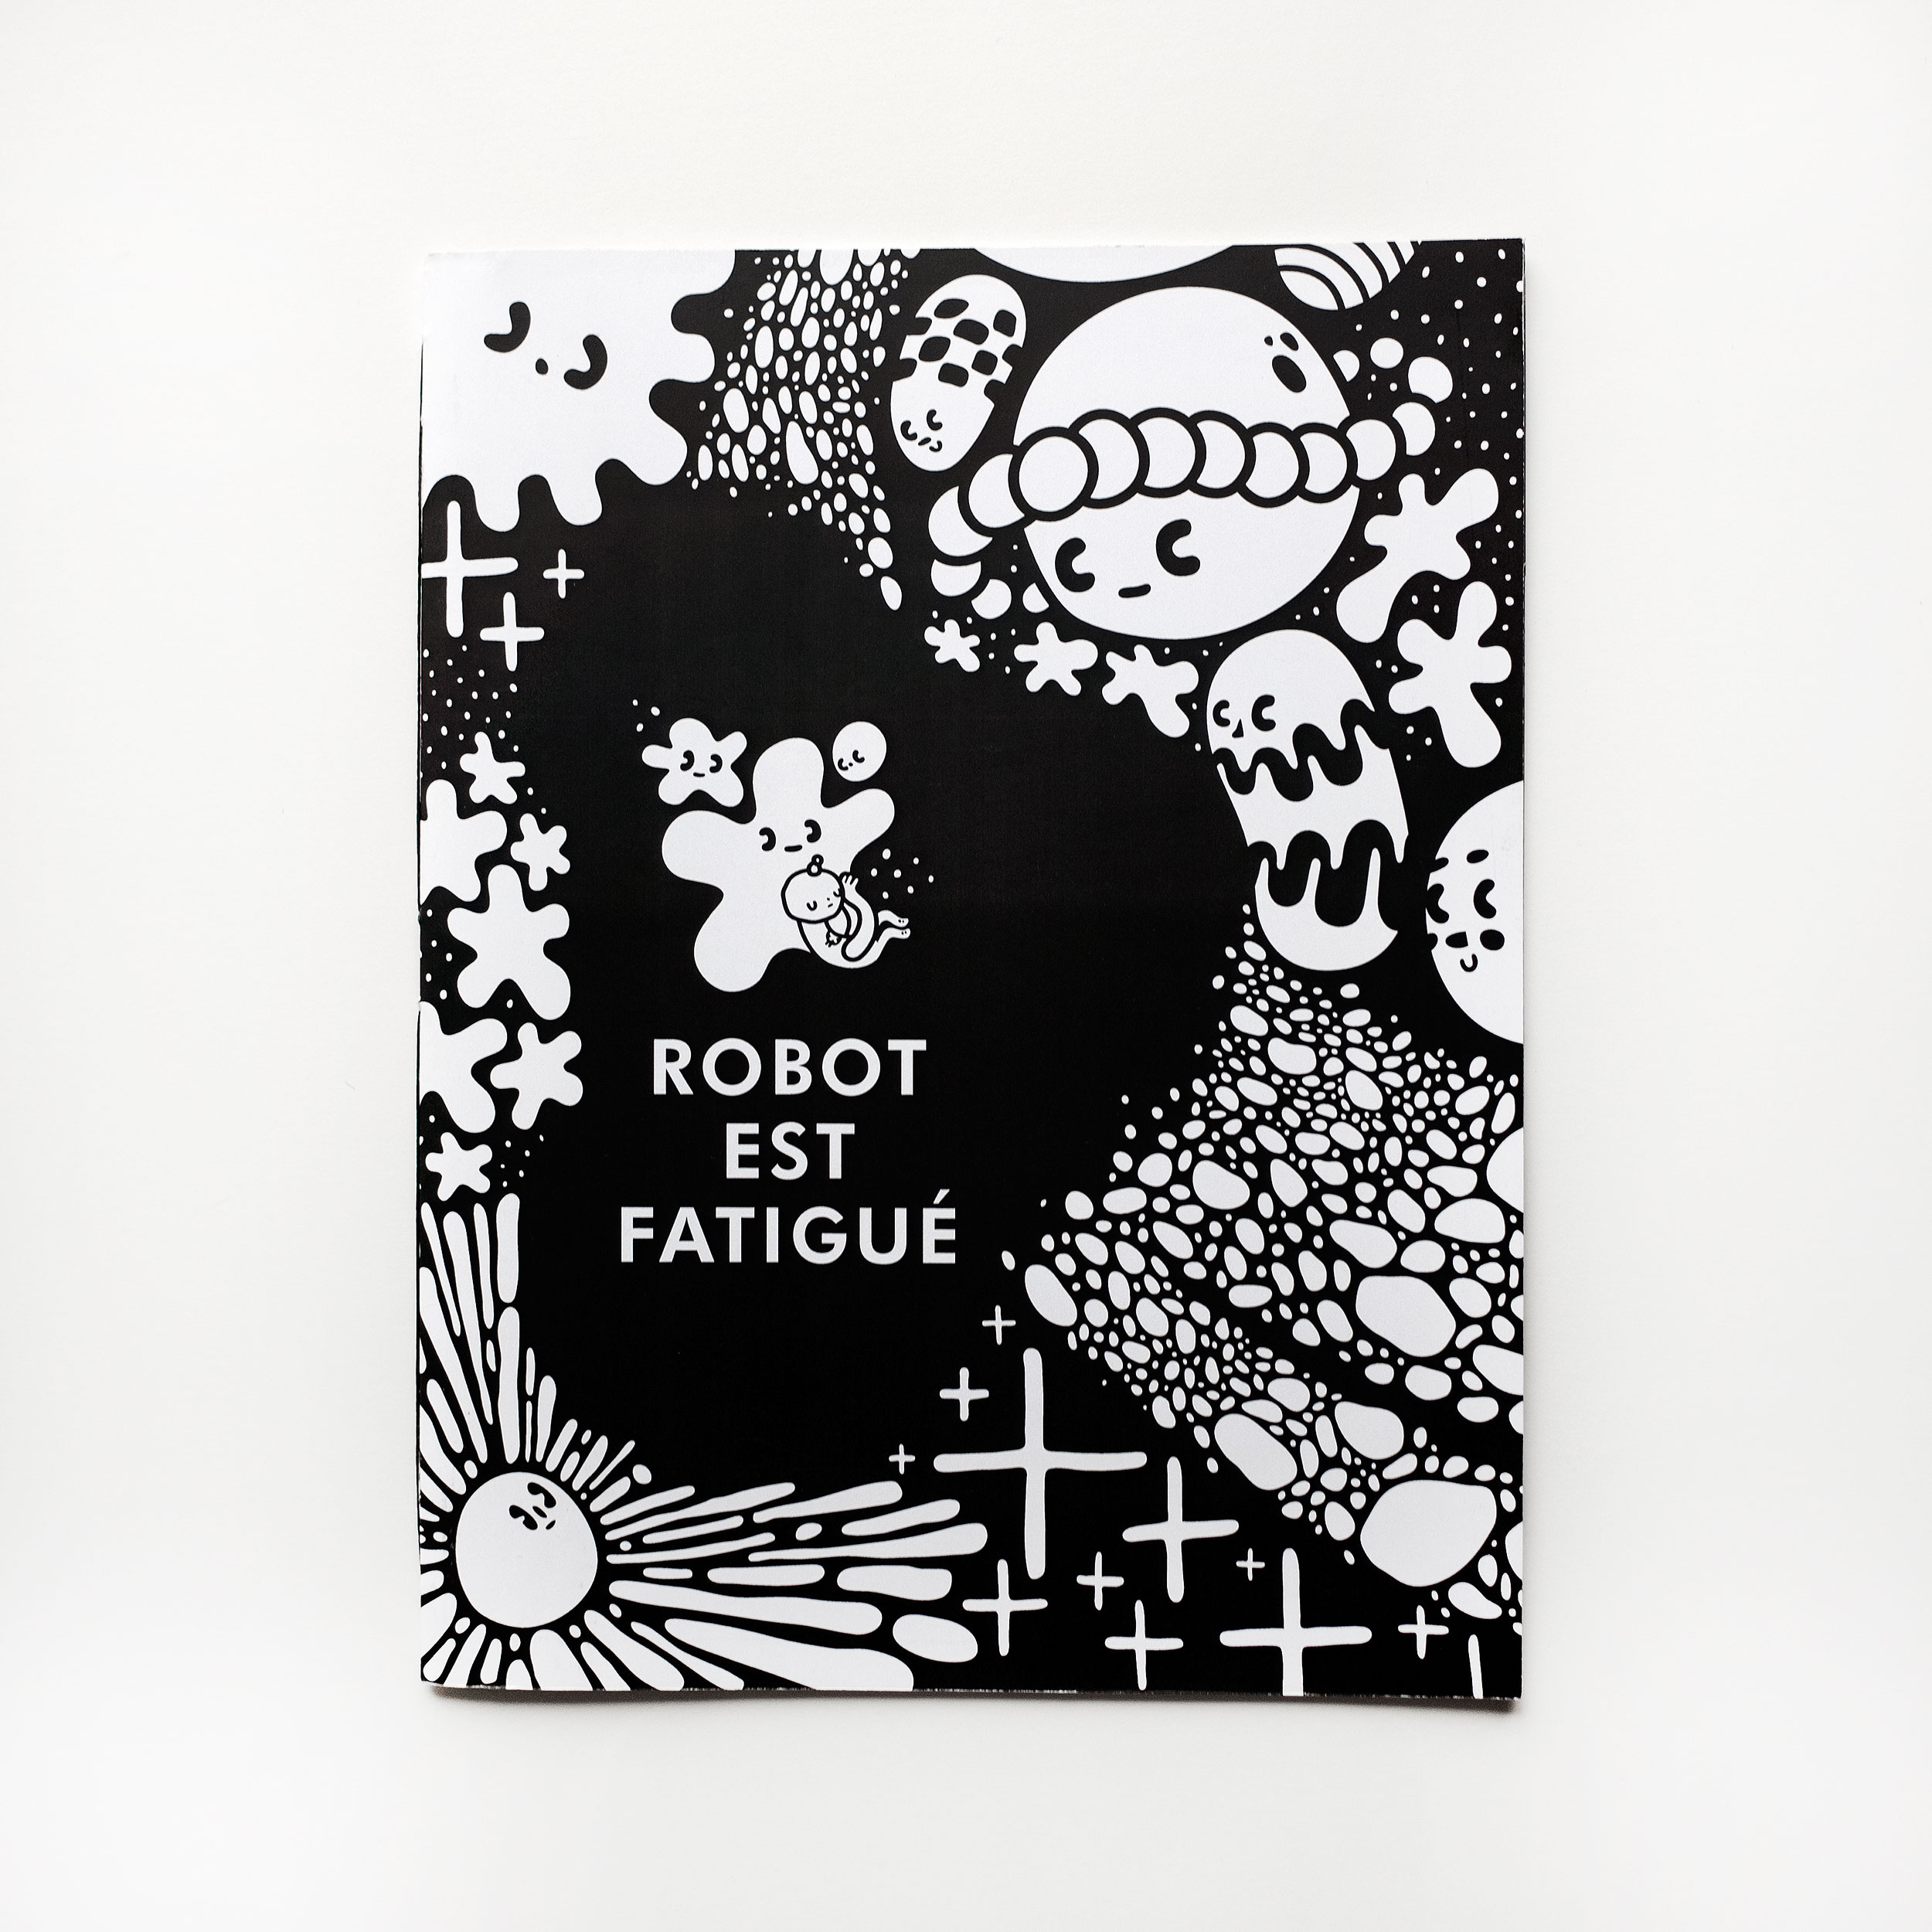 Jeff_Kulak-Robot_Feels_Sleepy_03.jpg